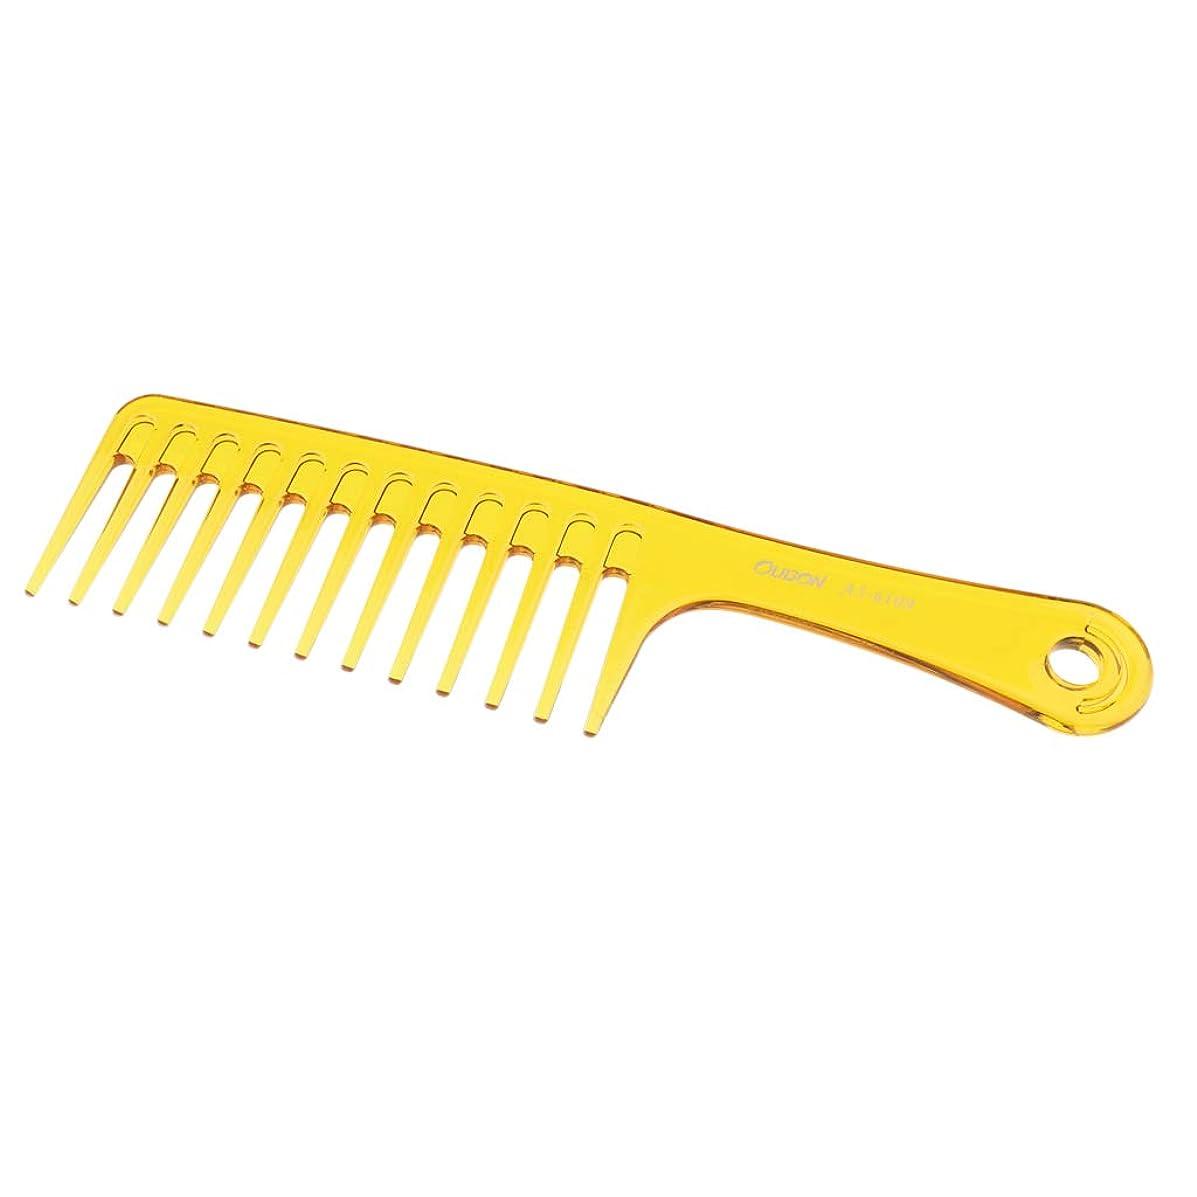 実質的に革命ロシアSM SunniMix 帯電防止櫛 ヘアブラシ 広い歯 櫛 サロン スタイリング ヘアブラシ 2色選べ - 黄